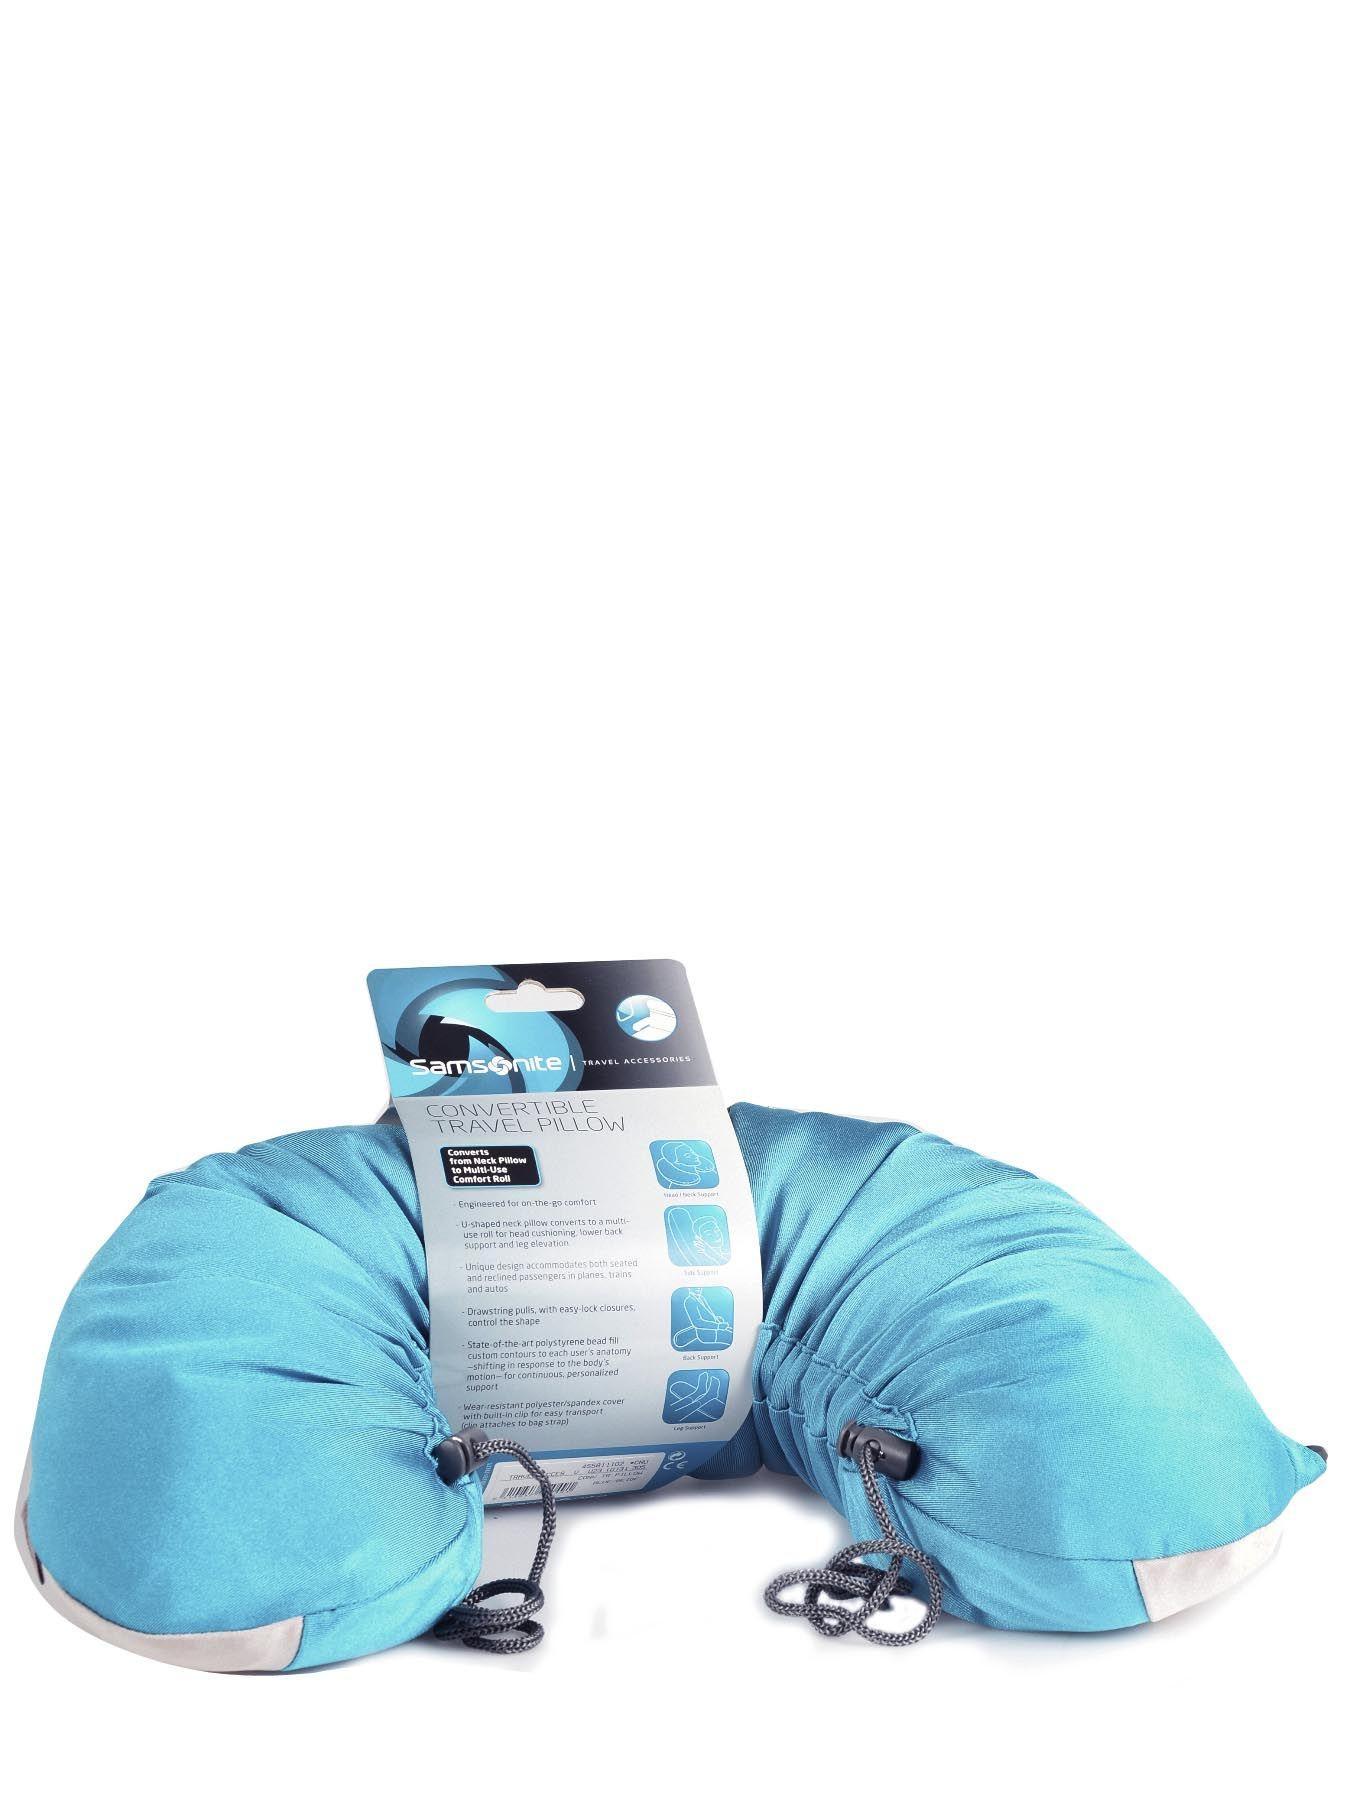 coussin de voyage samsonite accessoires accessoires sur. Black Bedroom Furniture Sets. Home Design Ideas